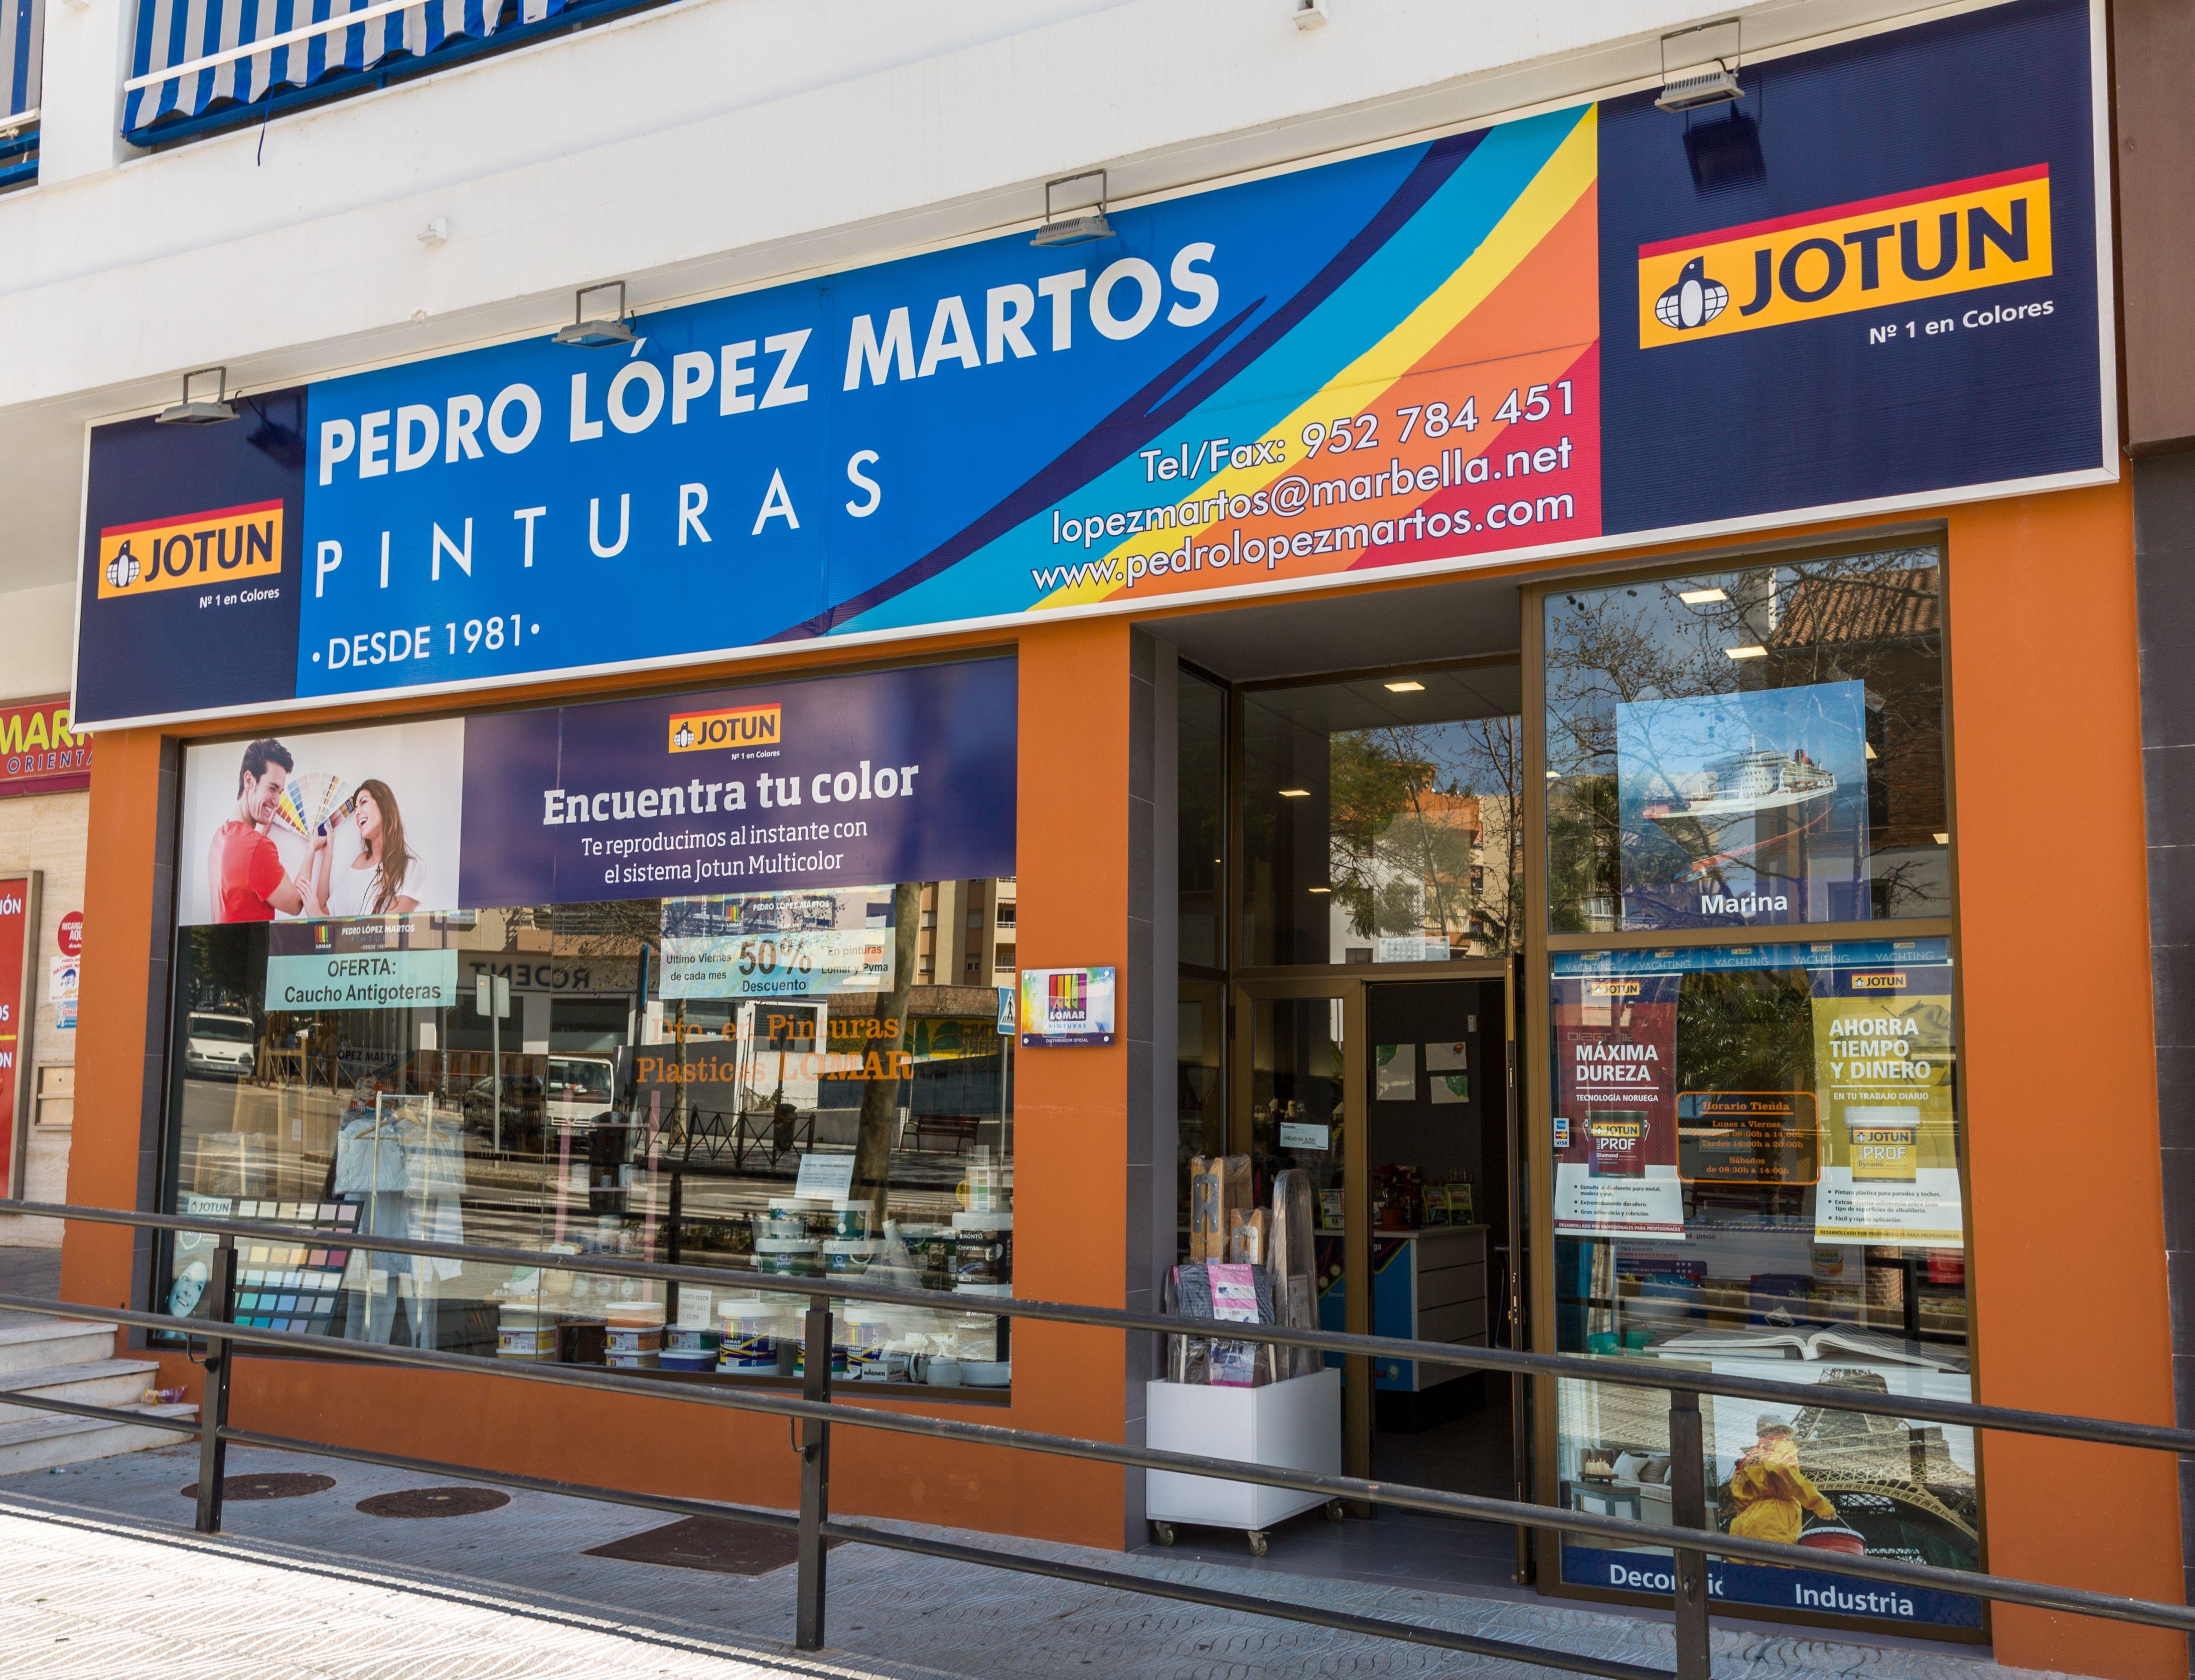 Foto 44 de Pinturas, barnices y papeles pintados en Marbella | Pinturas Pedro López Martos